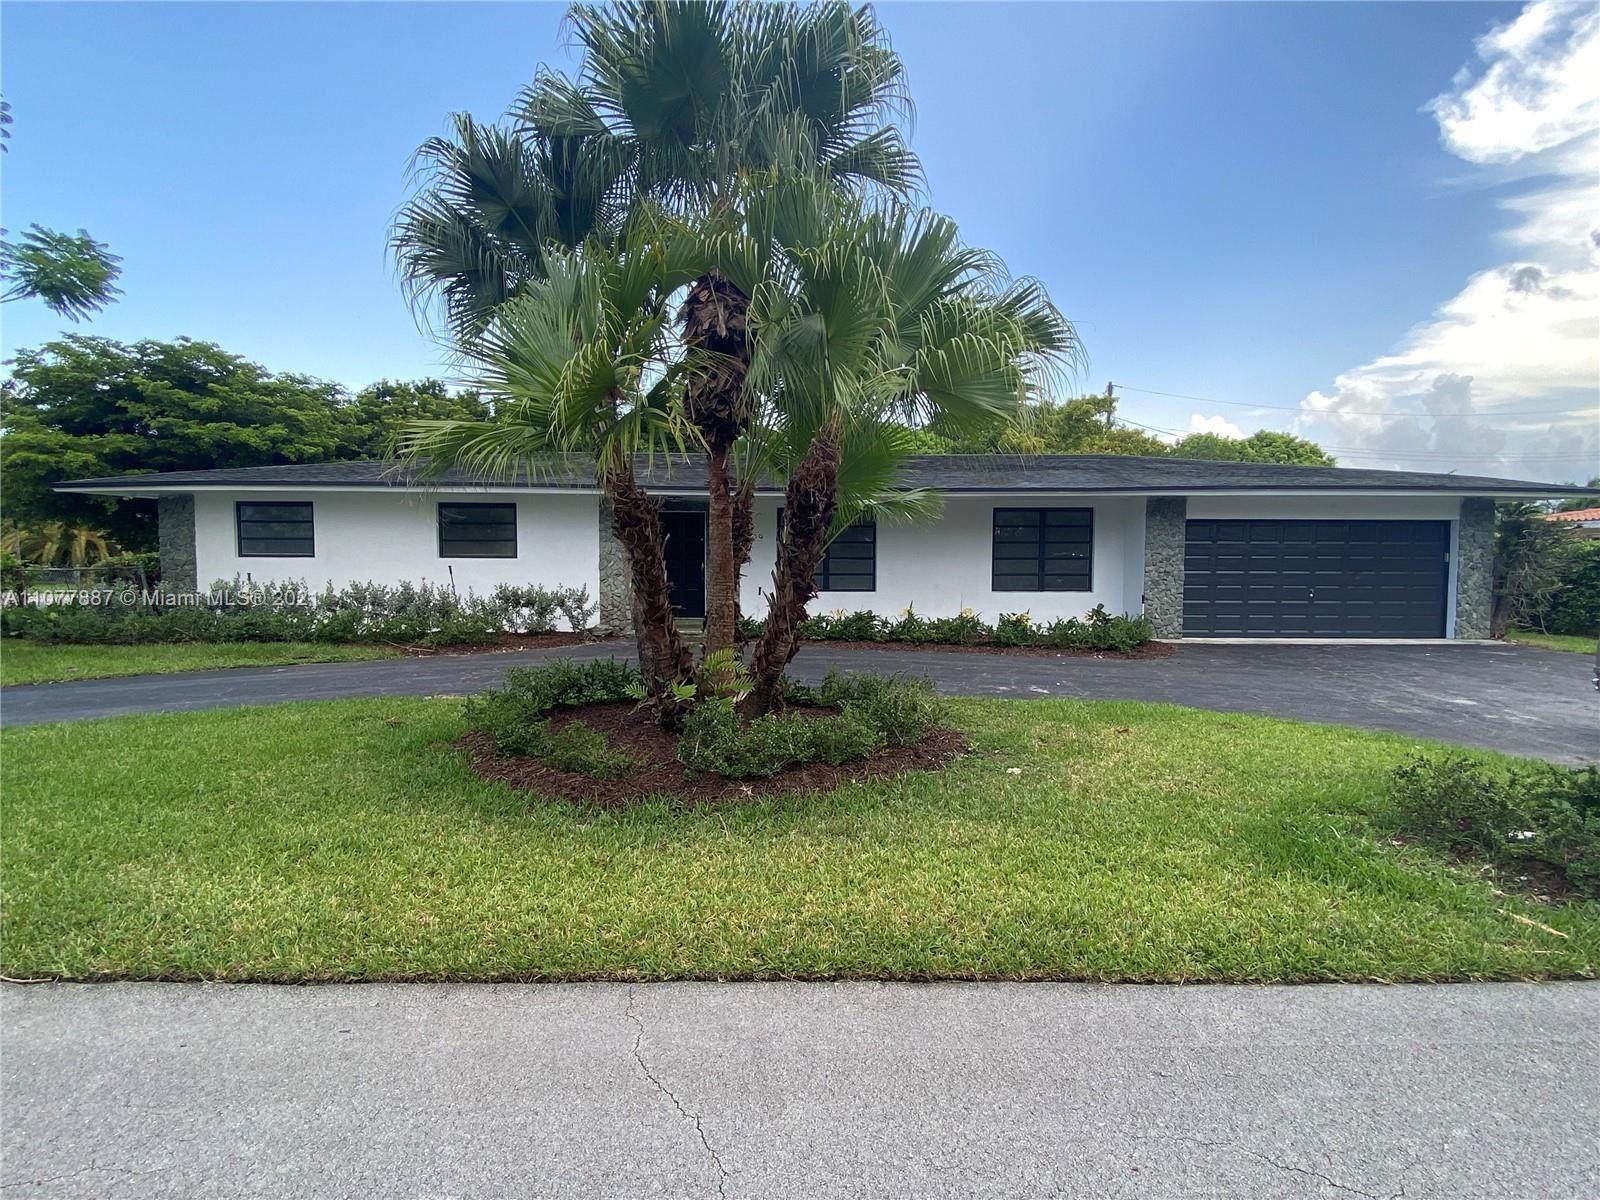 8900 SW 74th terr, Miami, FL 33173 - #: A11077887